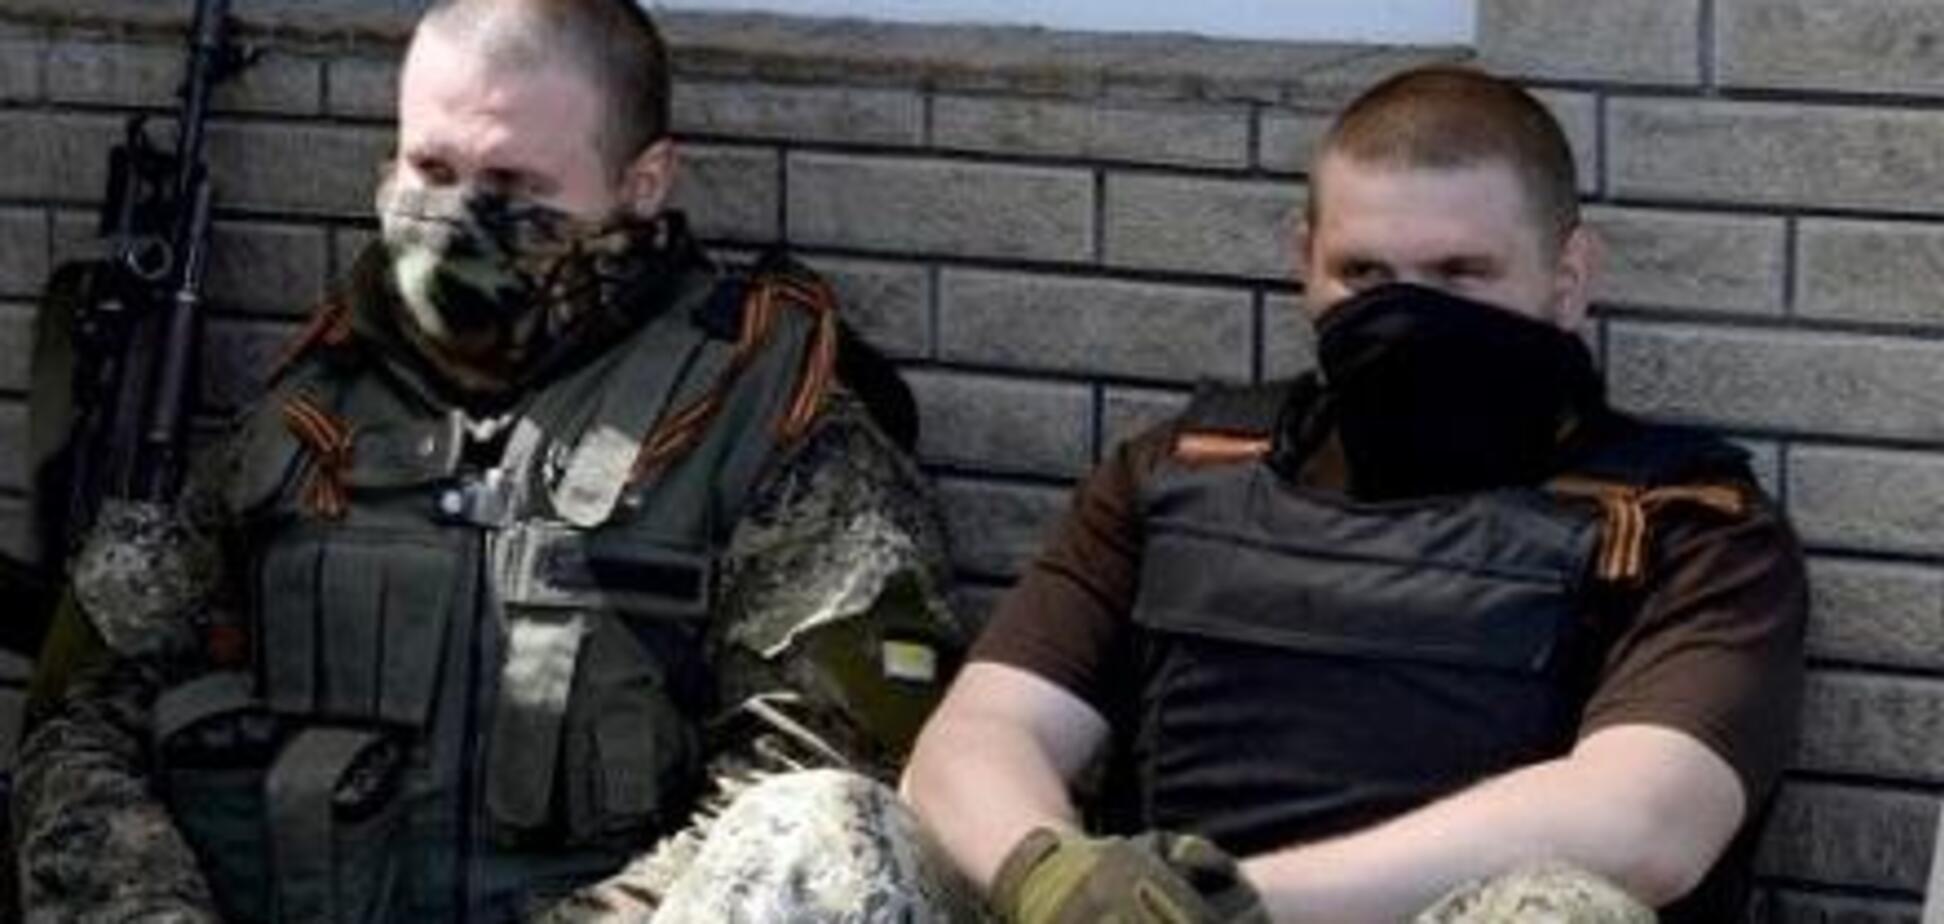 Стадо, готовое убивать: в Украине рассказали, как живут жители Донбасса